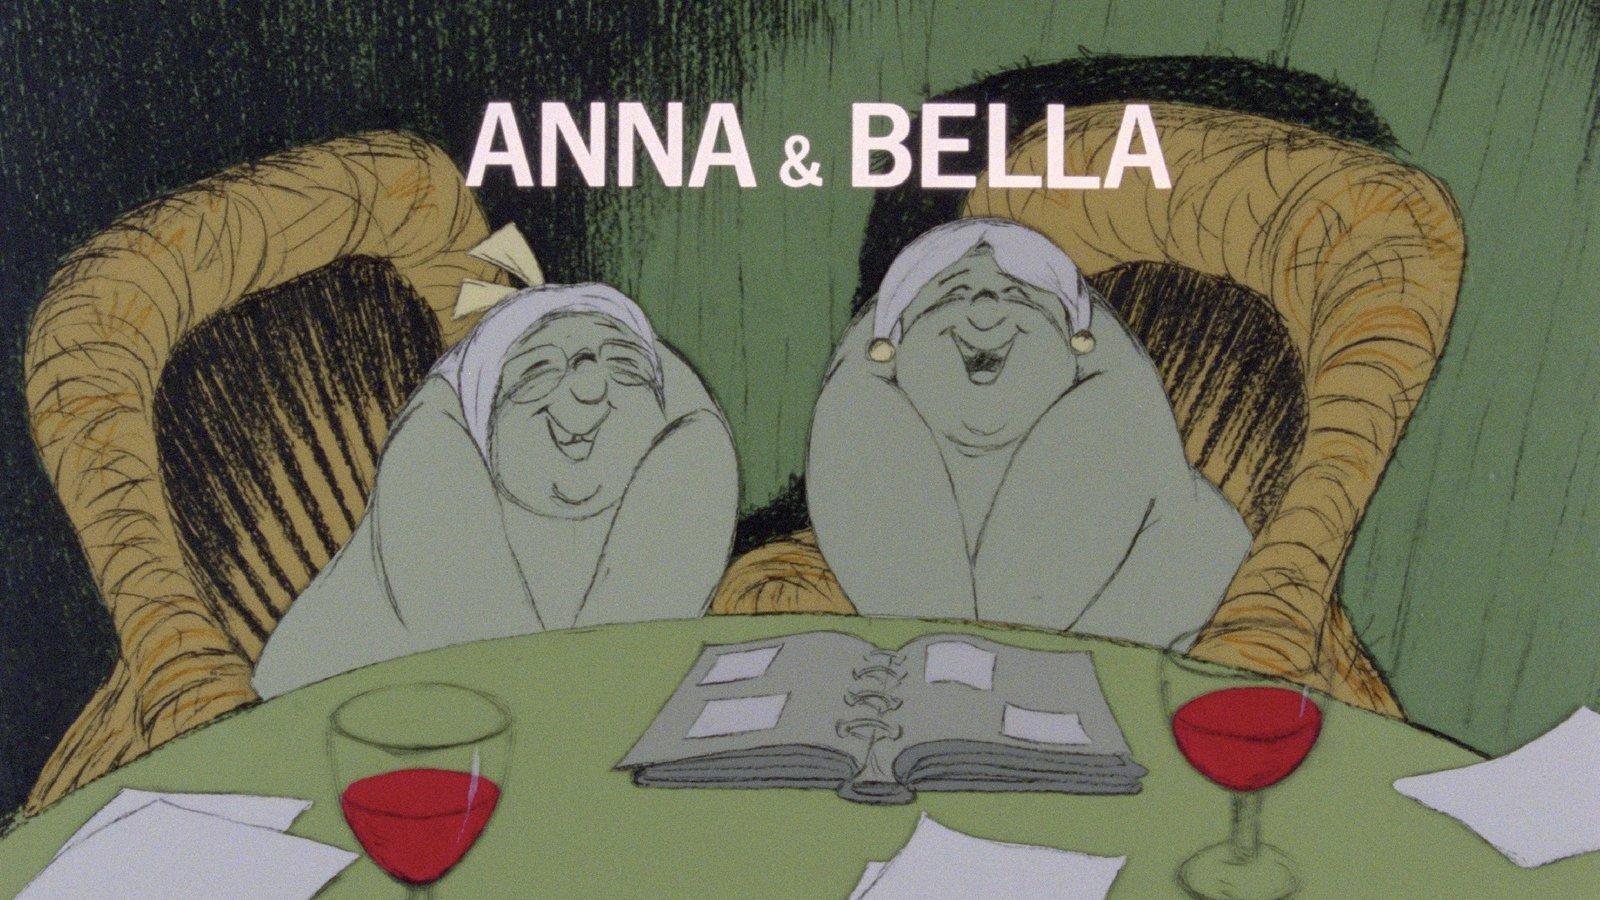 Anna & Bella